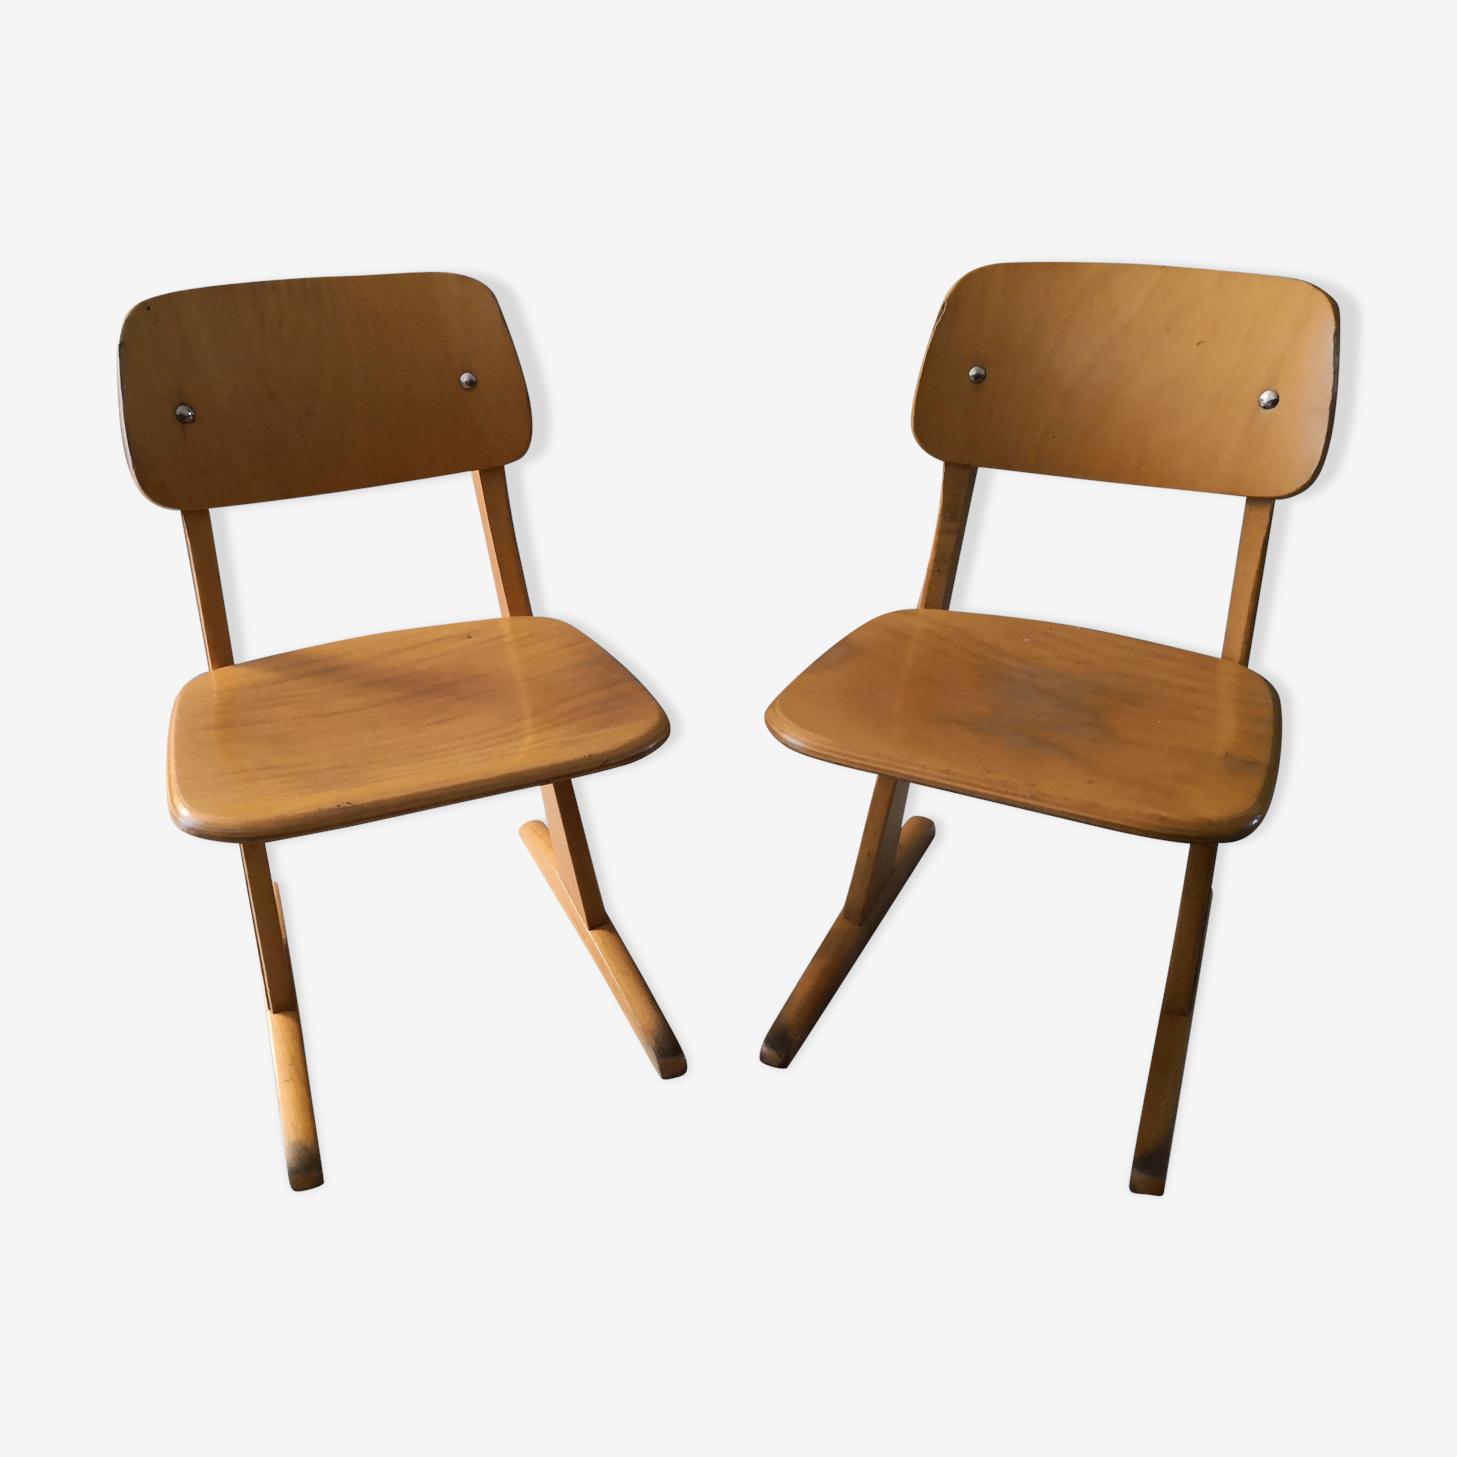 Deux chaises Casala pour enfant